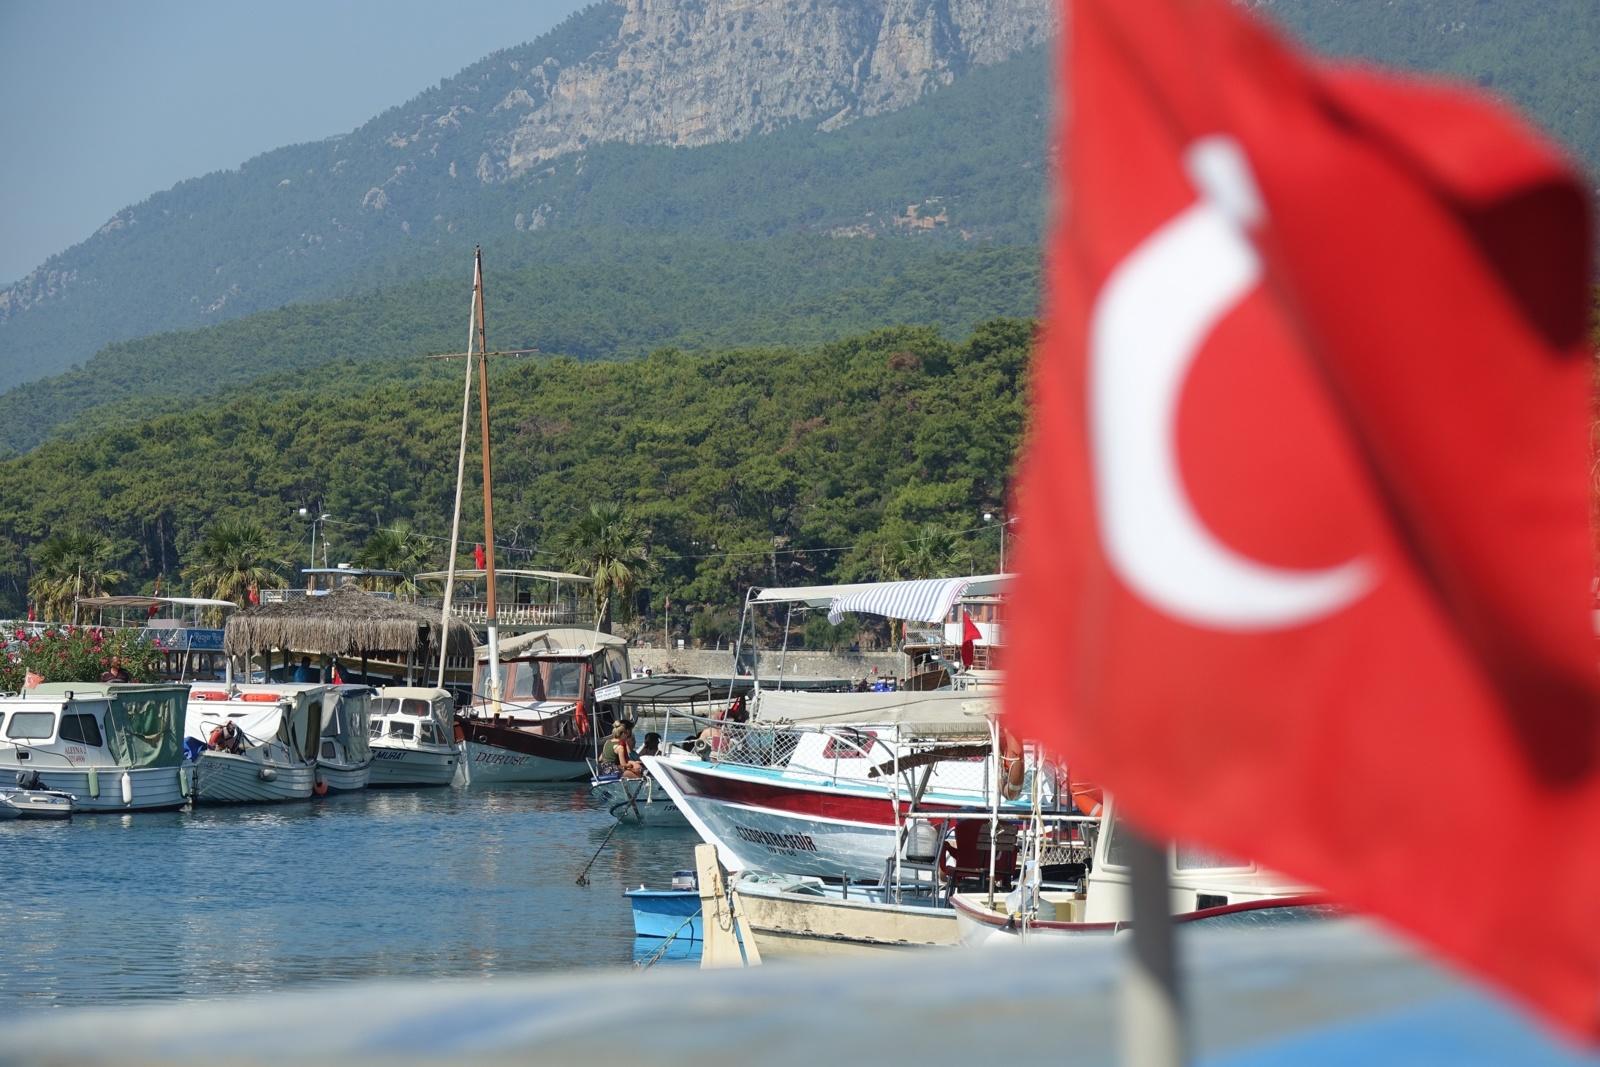 Kitokia Turkija: kur atostogauja vietiniai ir ką veikti ieškantiems naujų potyrių?